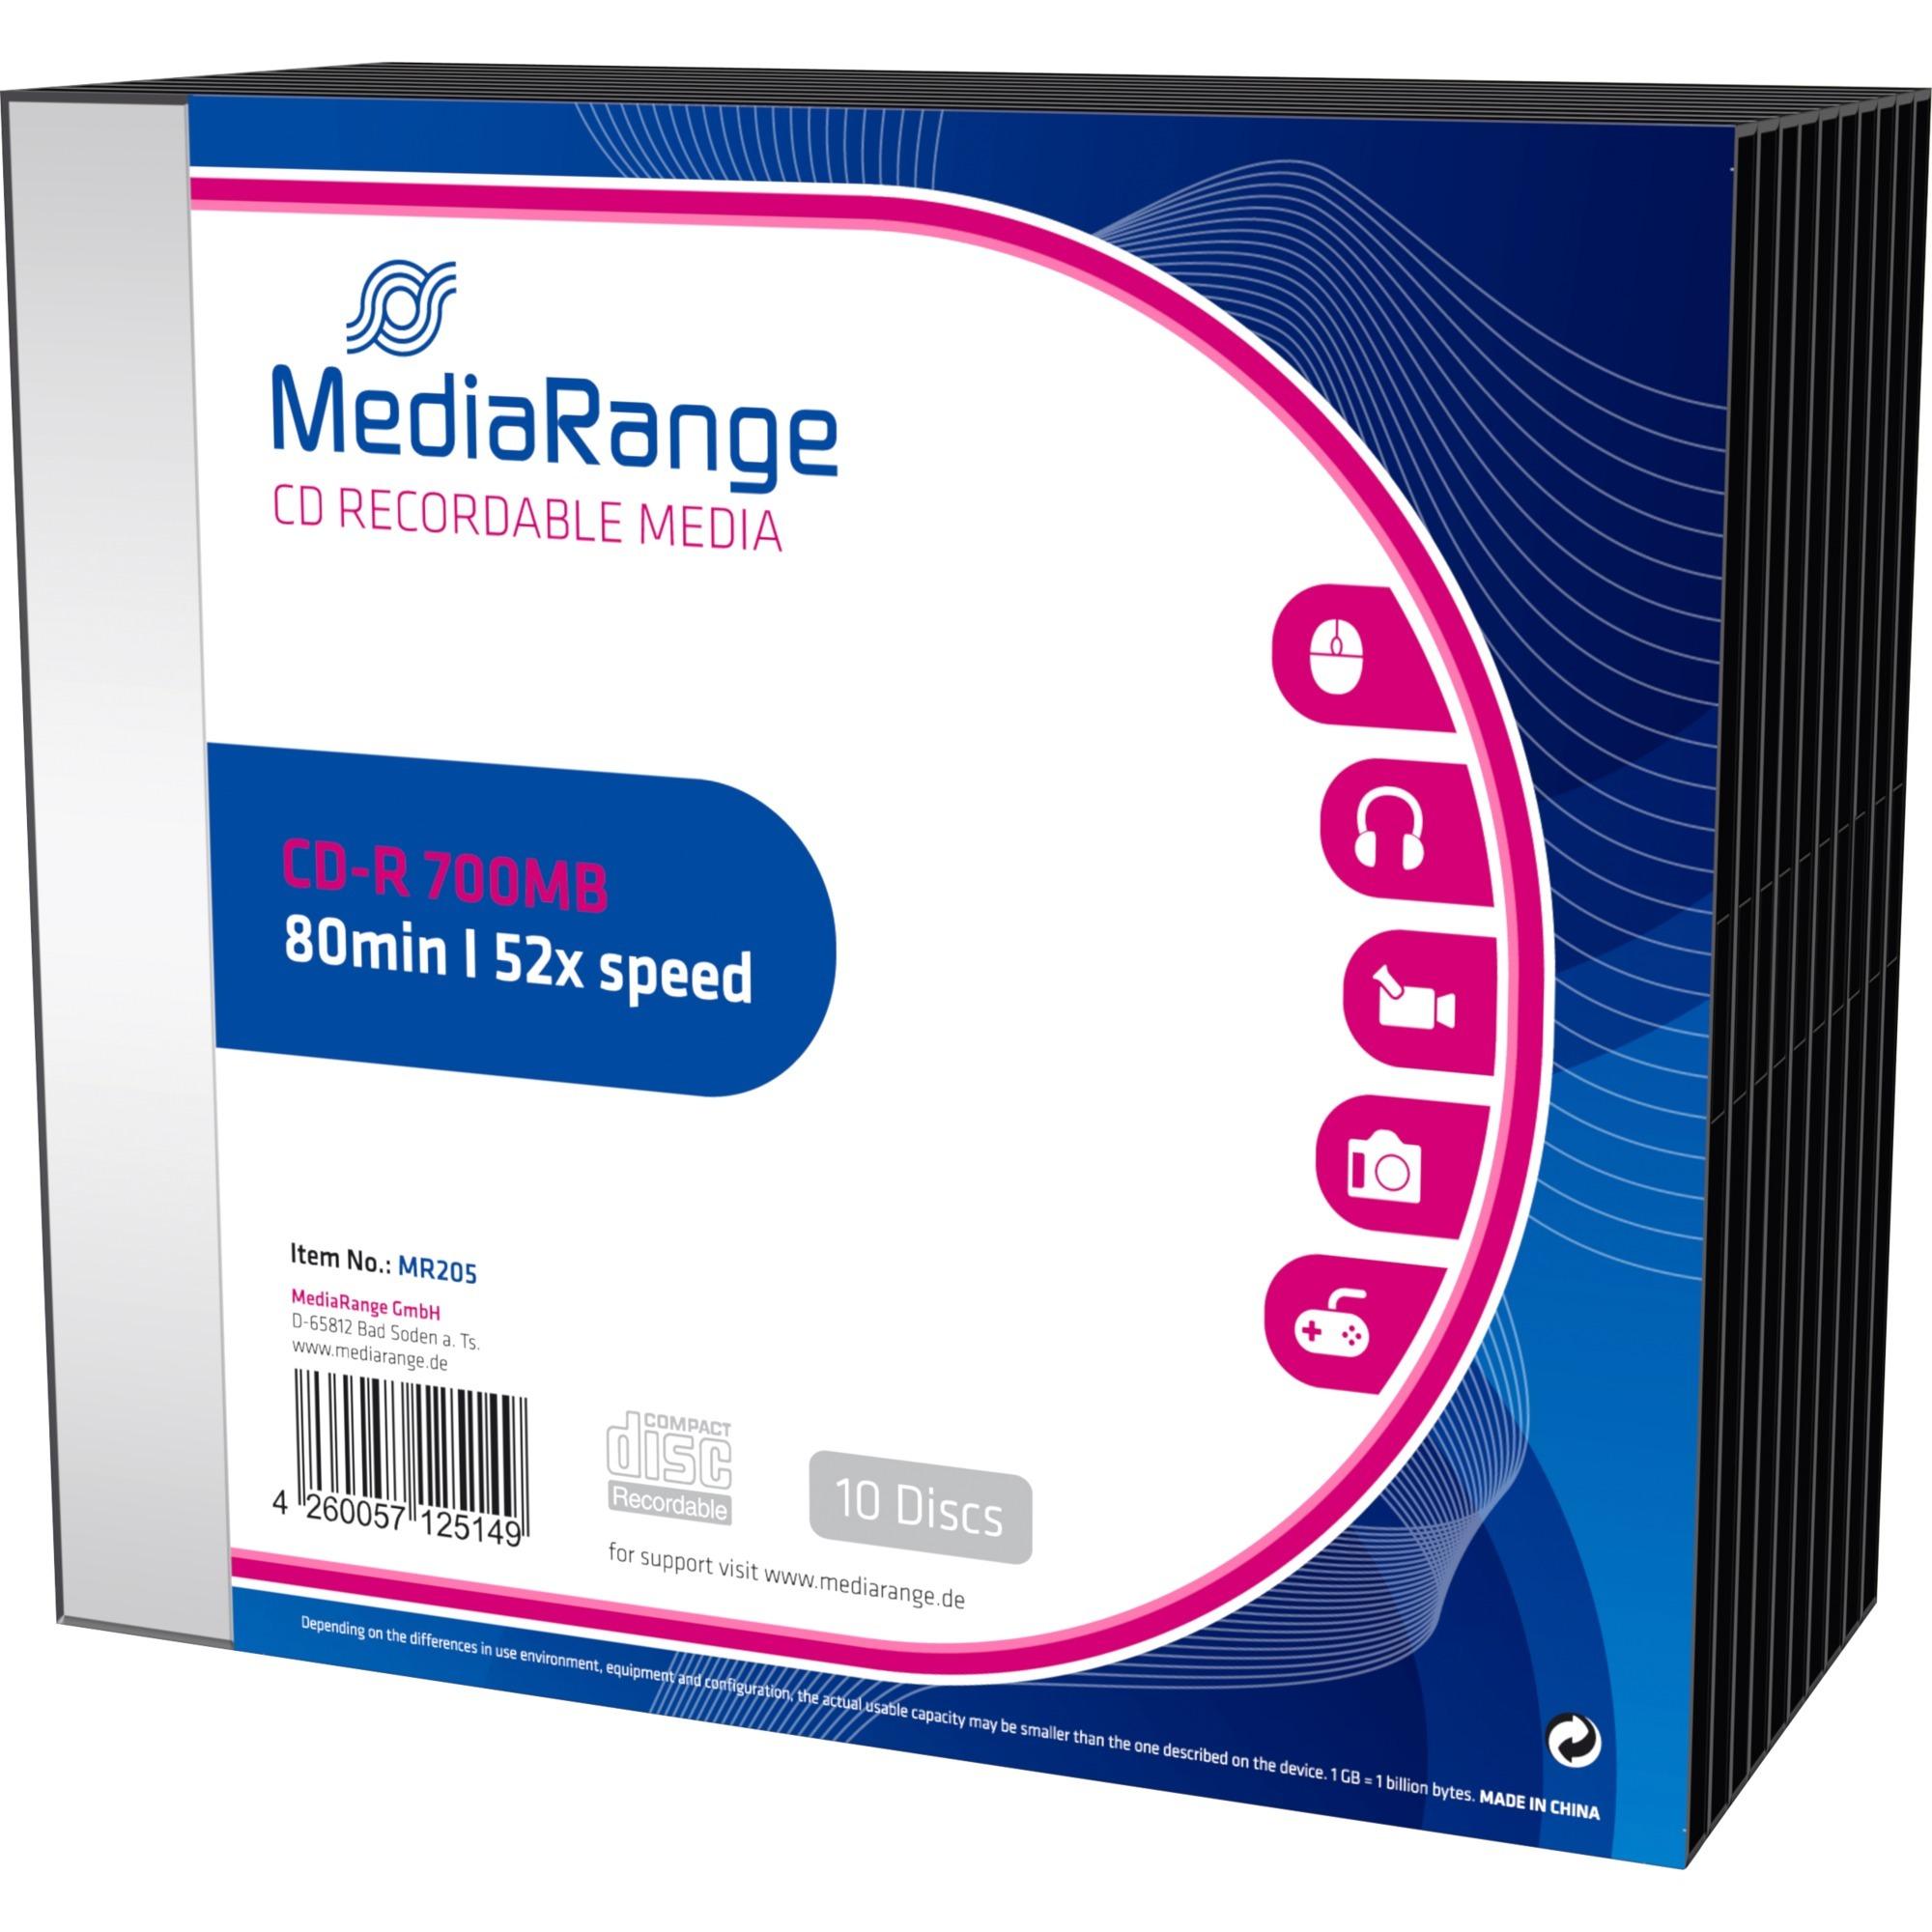 700MB, CD-R, 10 pack CD-R 700MB 10pieza(s), CDs vírgenes